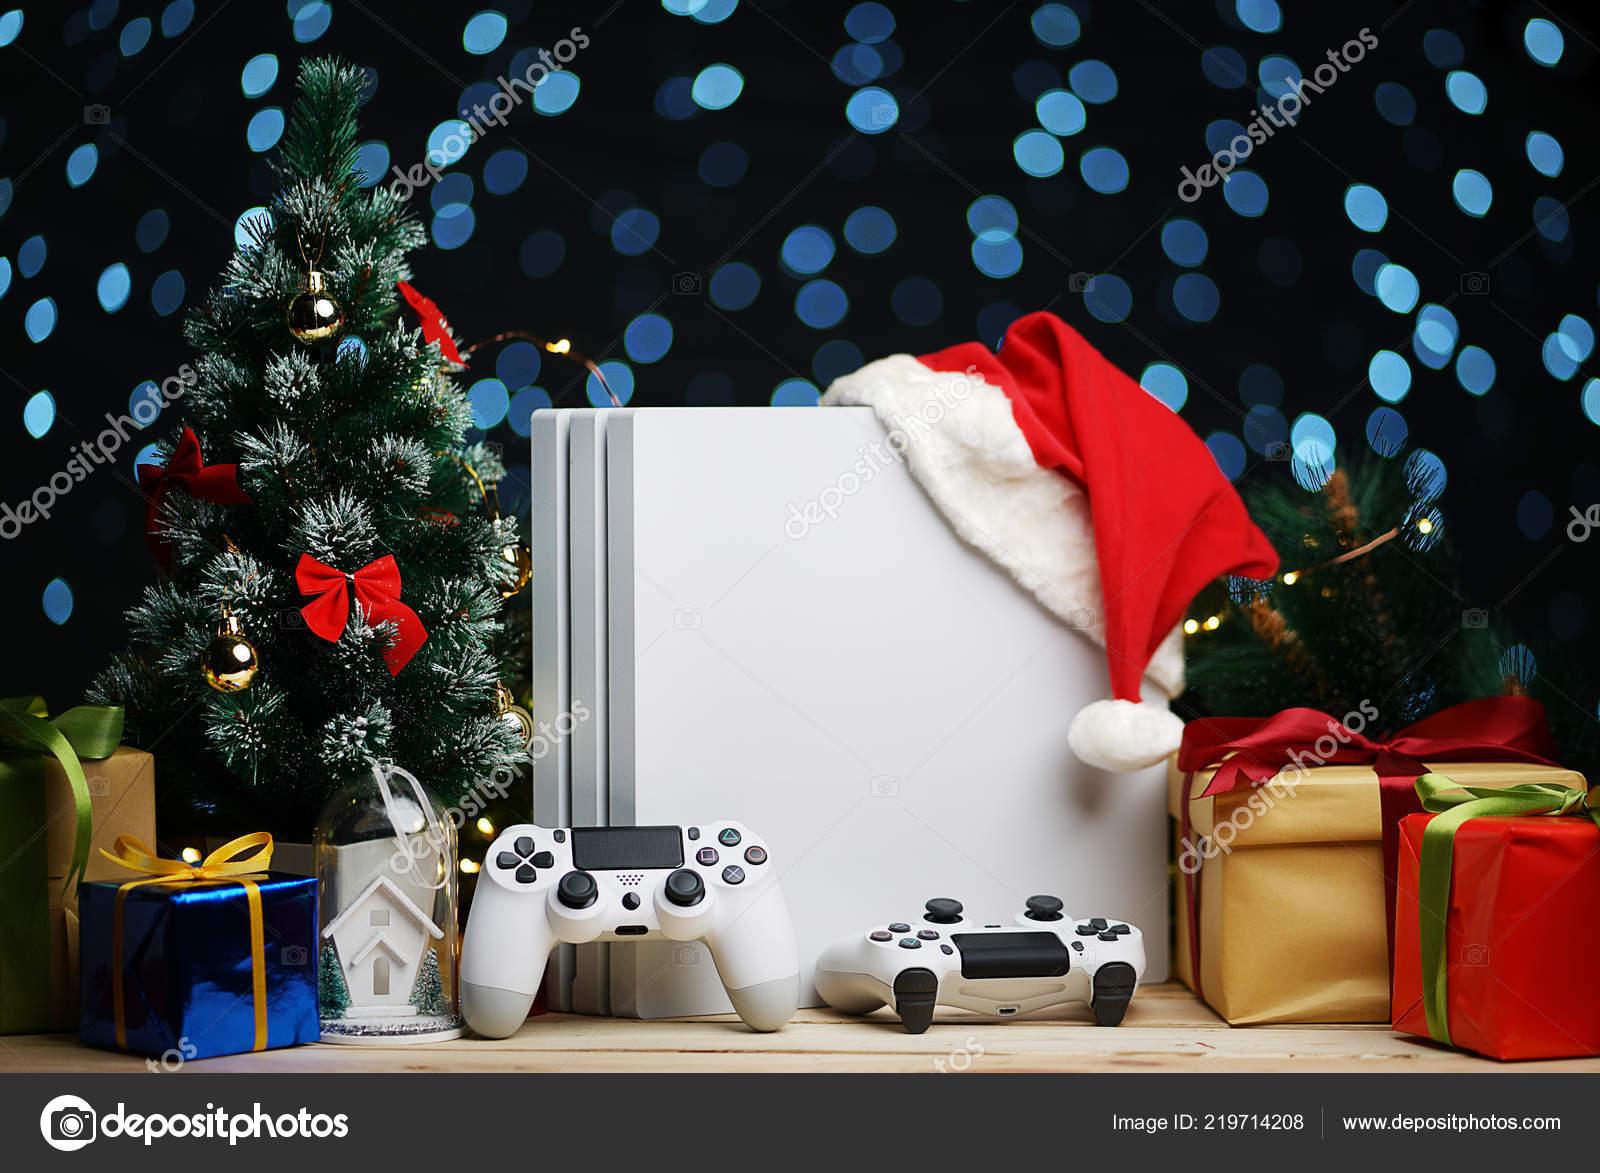 Consola Juegos Decoracion Del Regalo Navidad Santa Sombrero Regalo